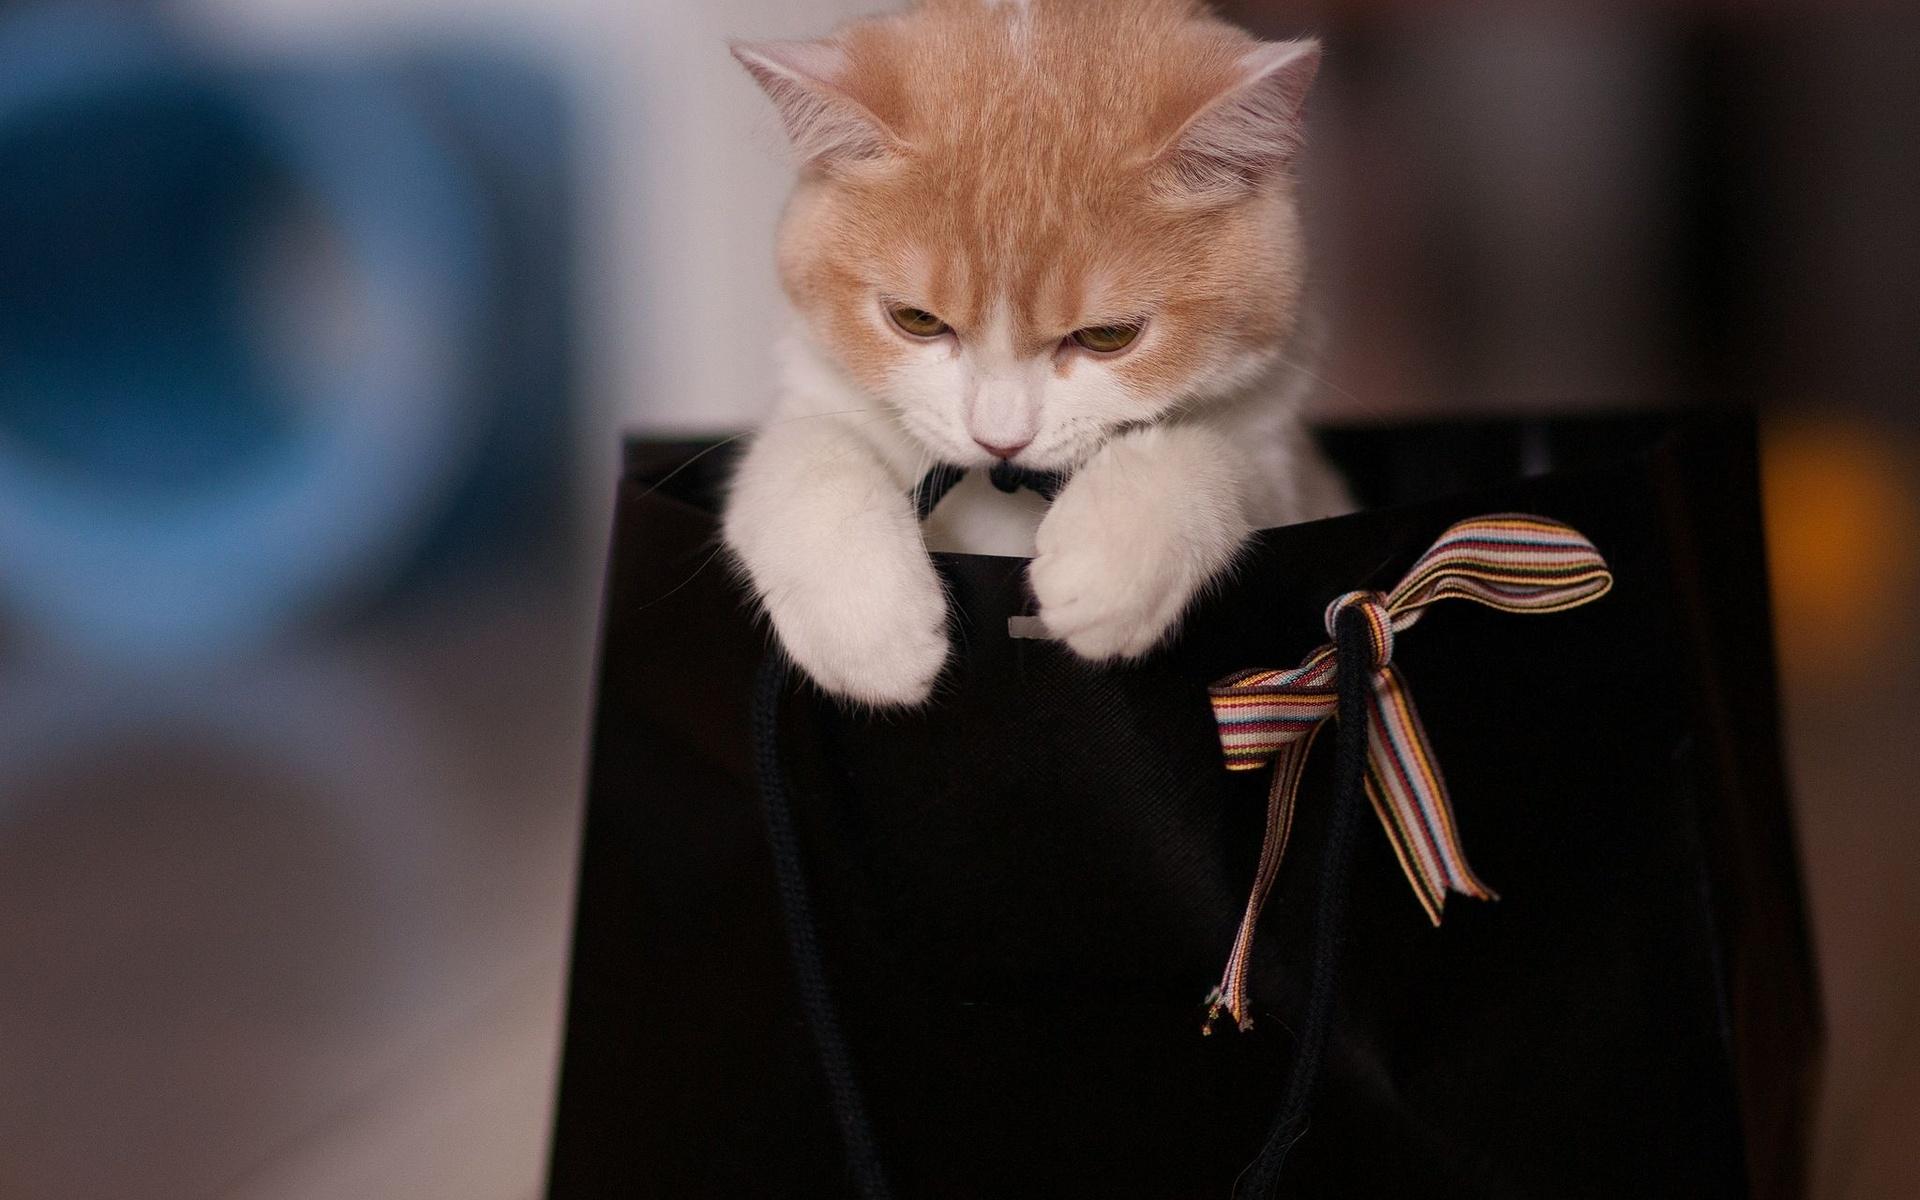 собака пакет сумка  № 1143277 бесплатно